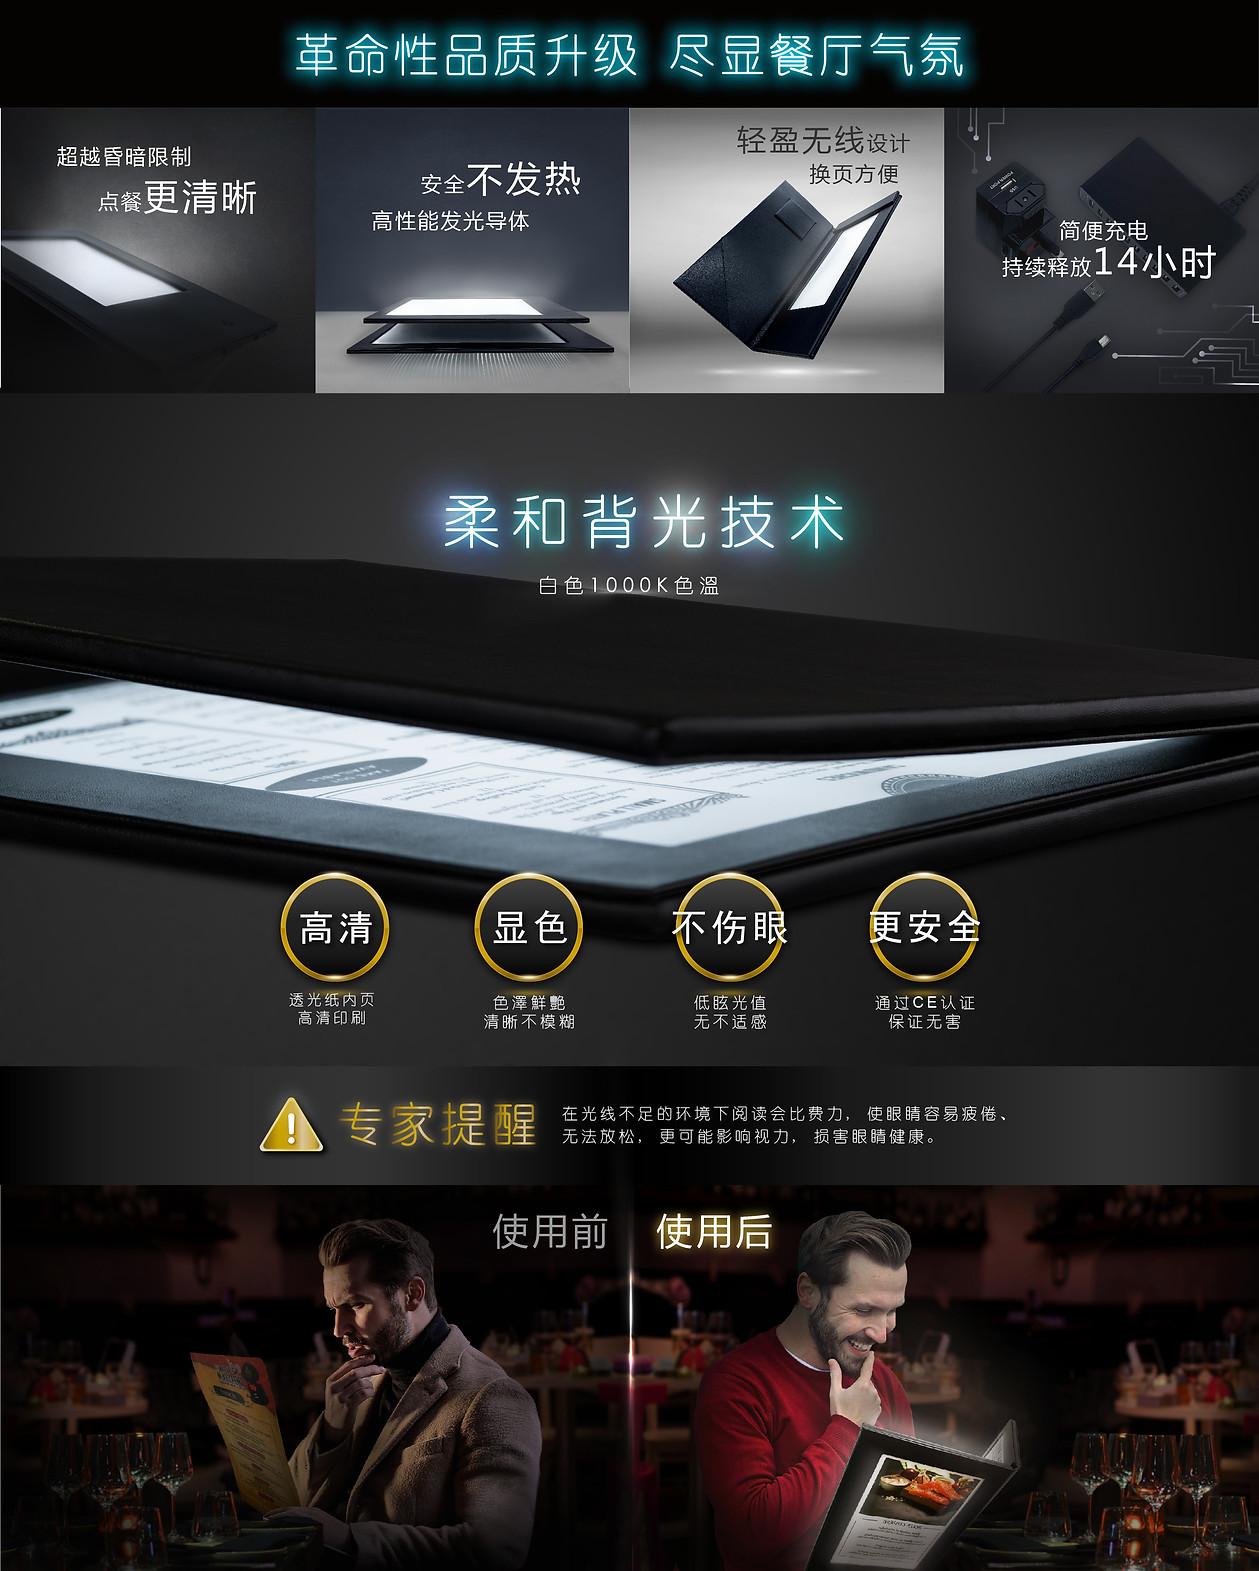 new led banner 2 (簡)-01-01.jpg